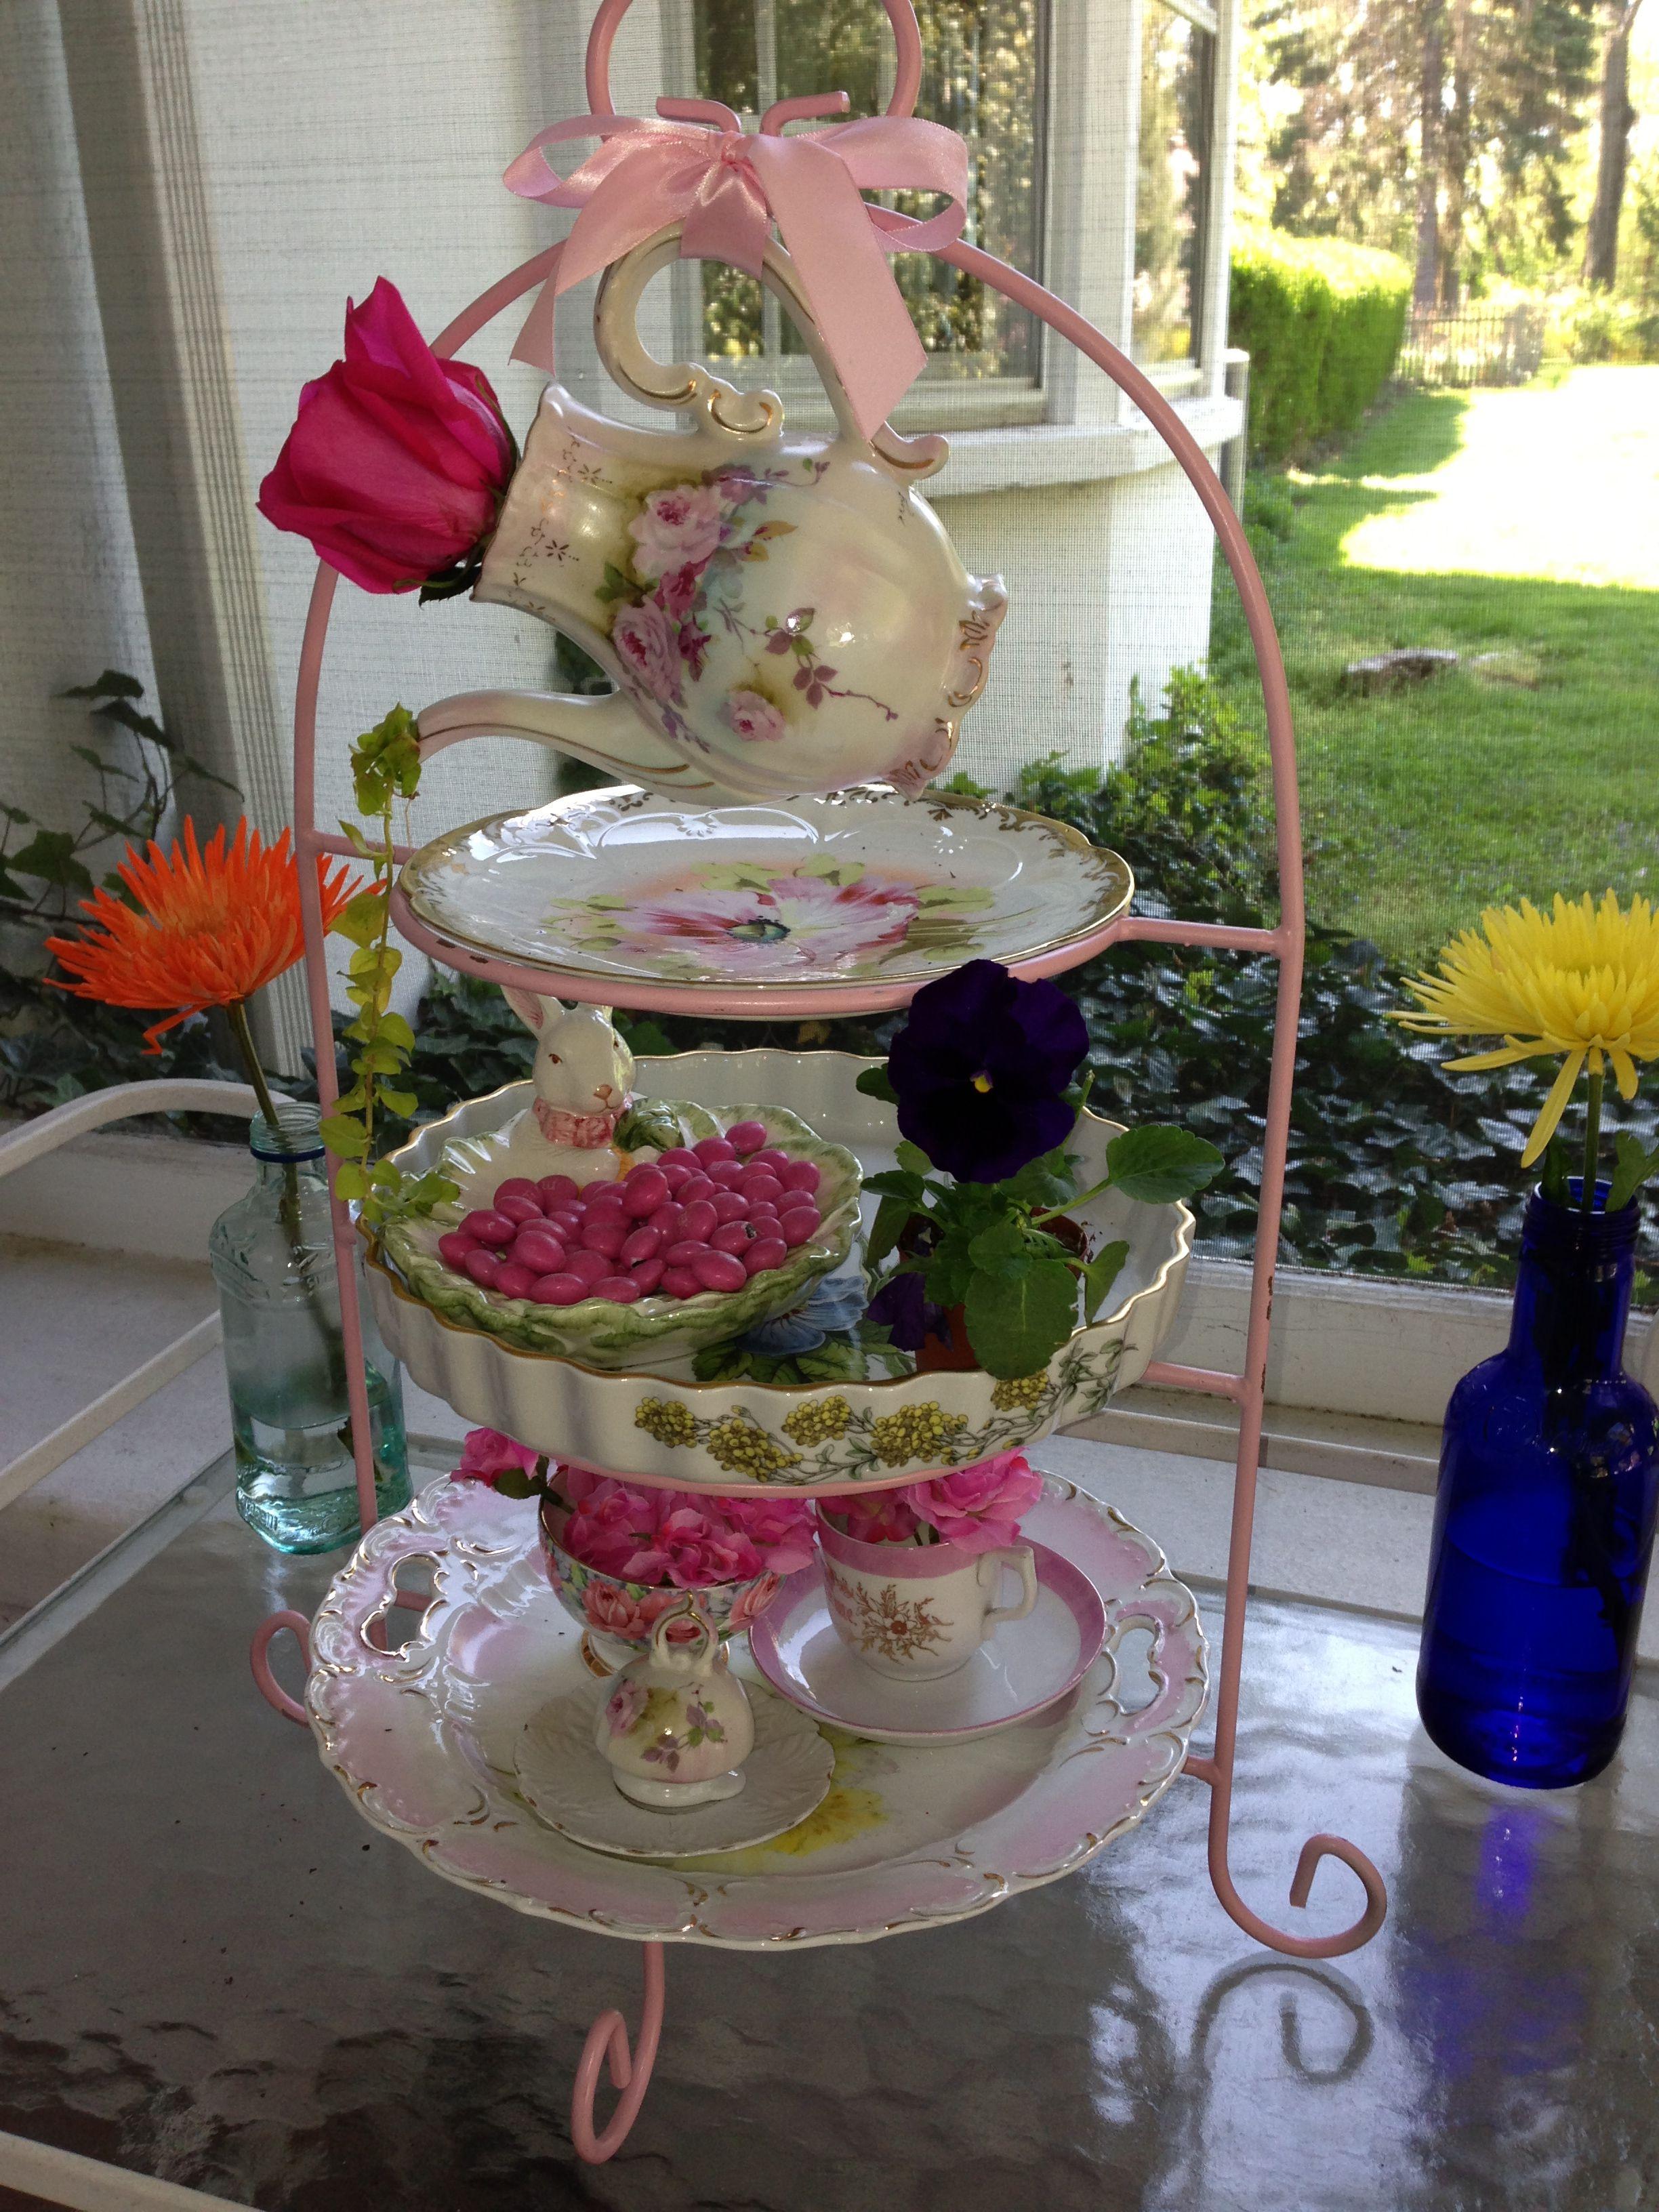 Tea party bridal shower decorations parties pinterest for Tea party centerpieces